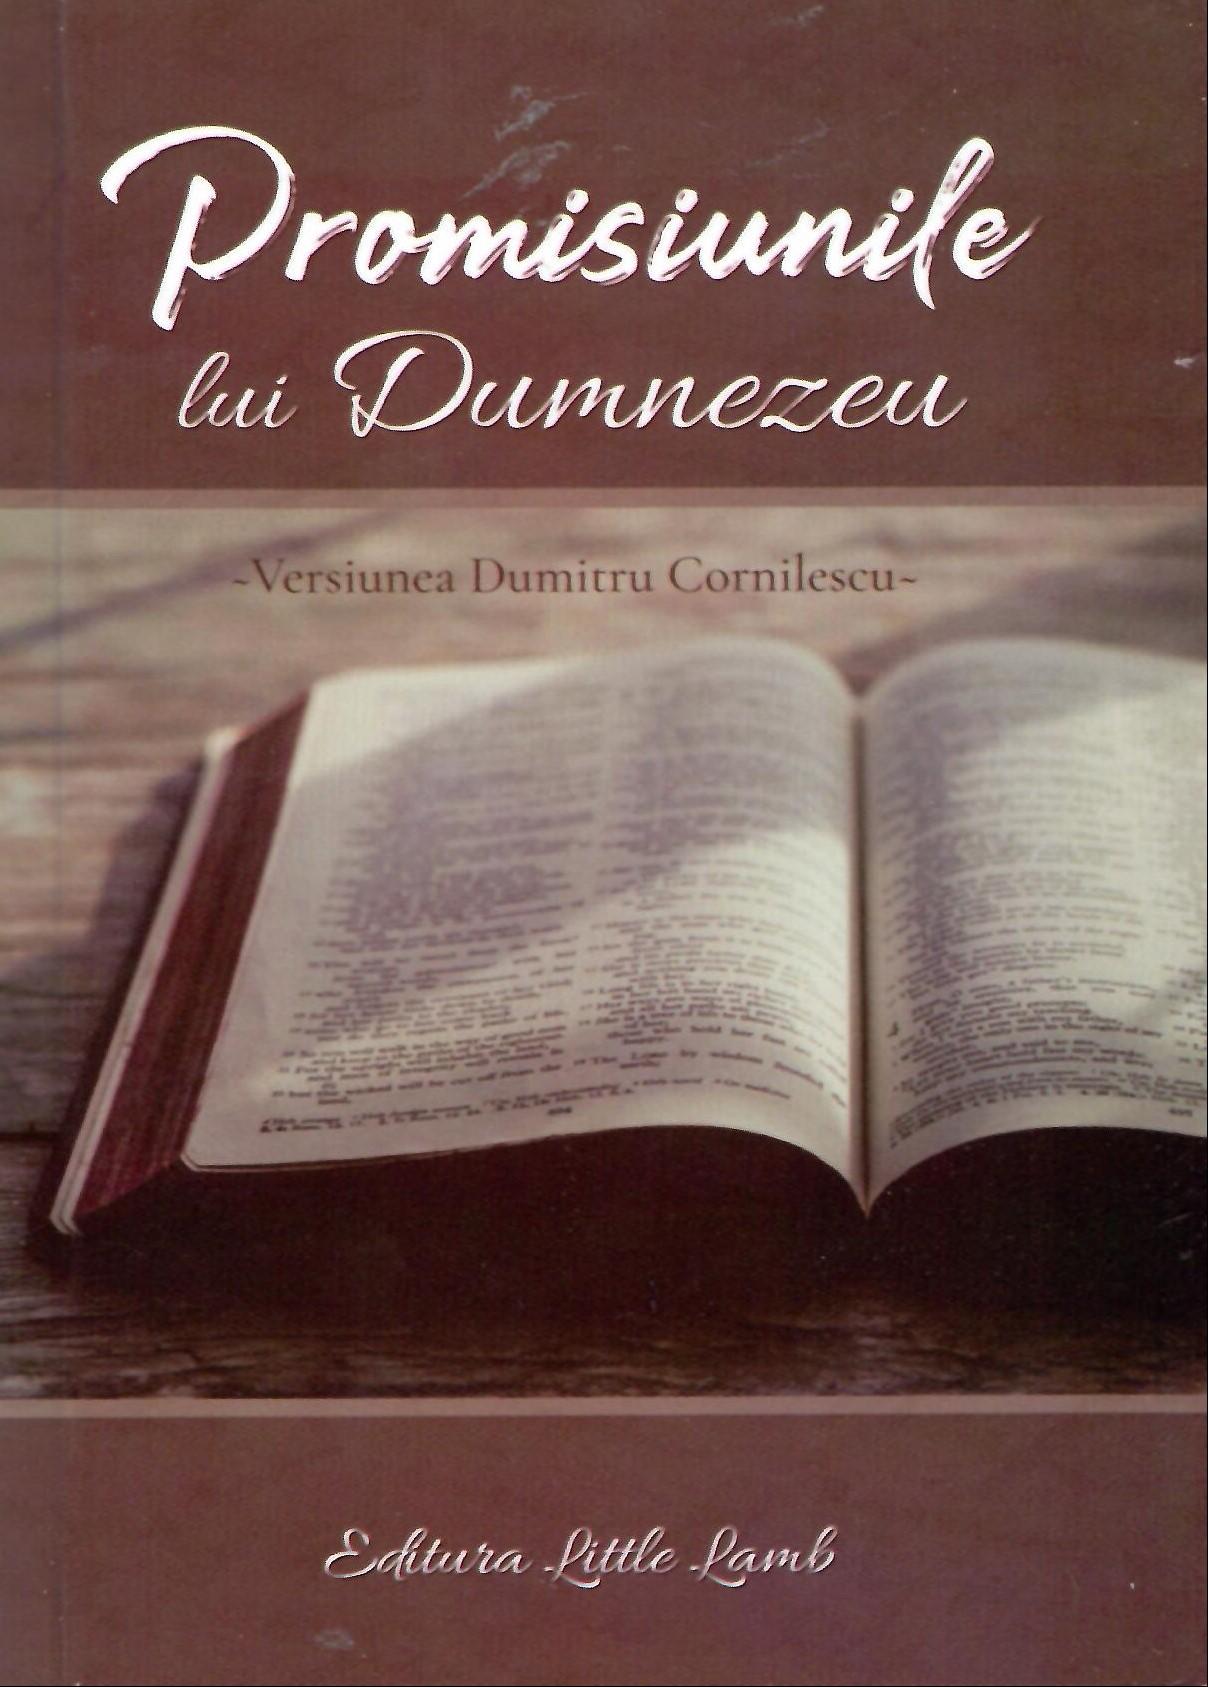 Promisiunile lui Dumnezeu - versiunea Dumitru Cornilescu